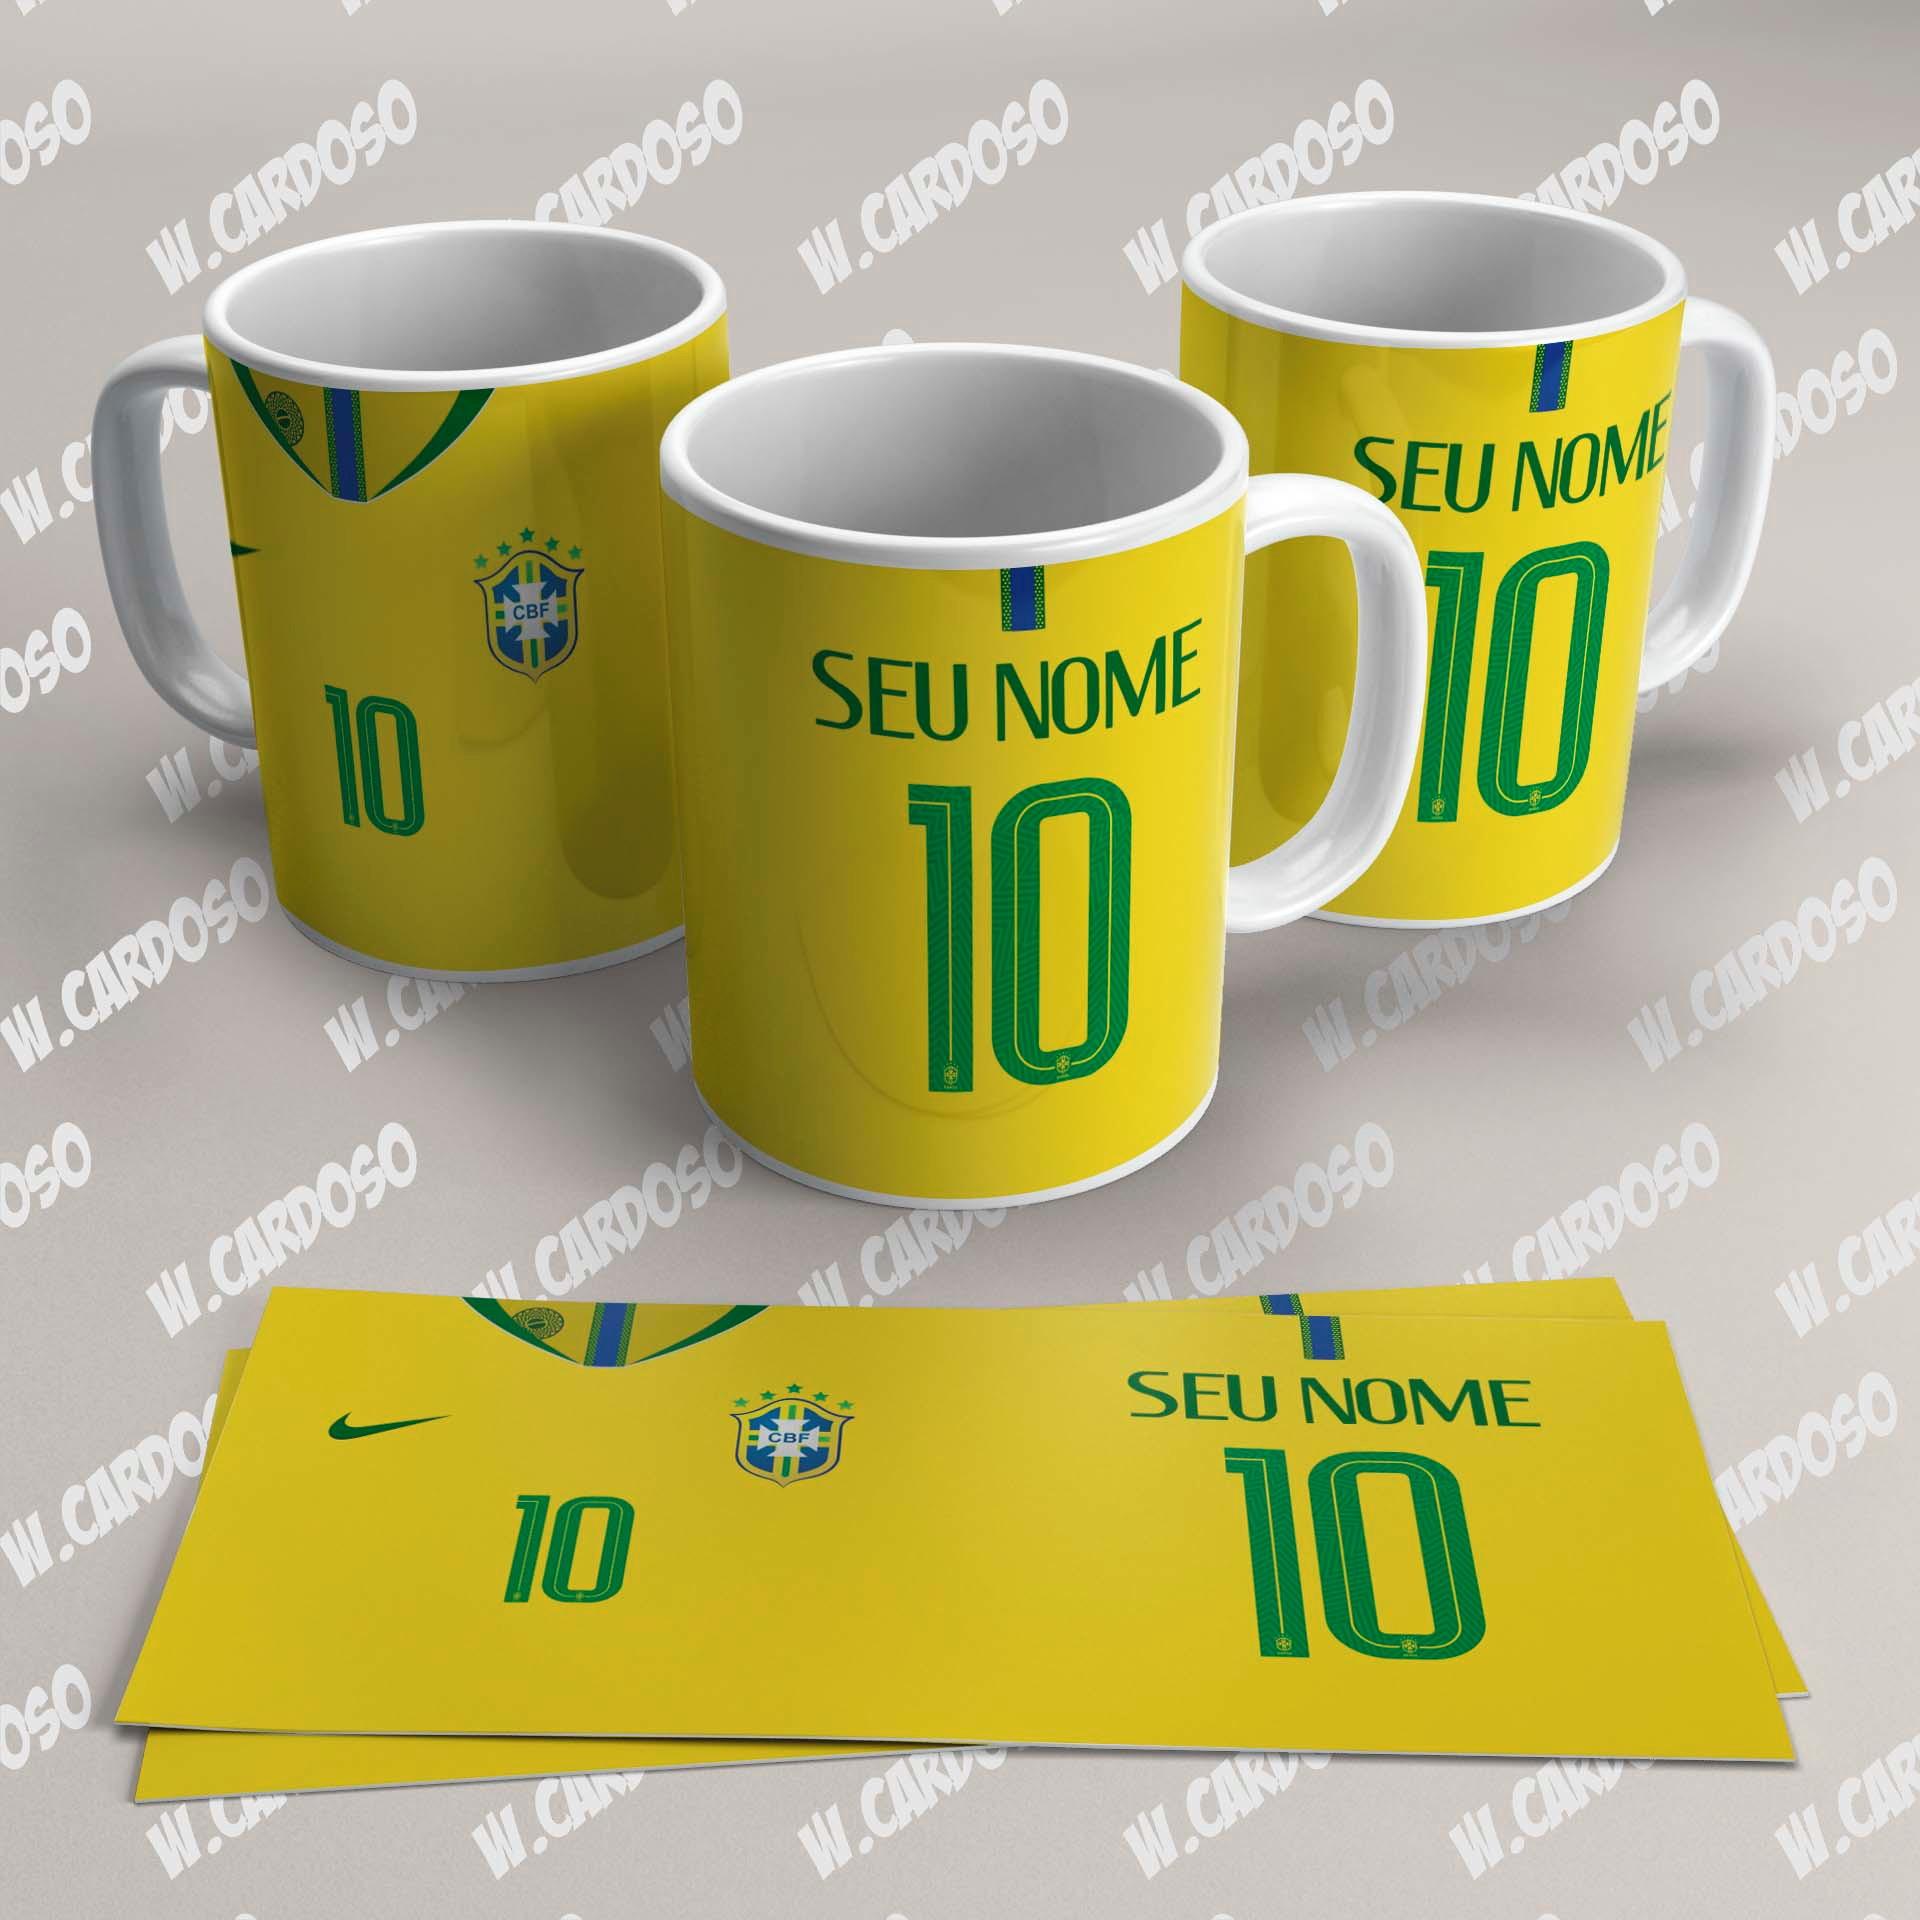 6597390c6b9d Canecas Futebol (campeonato Brasileiro) | Elo7